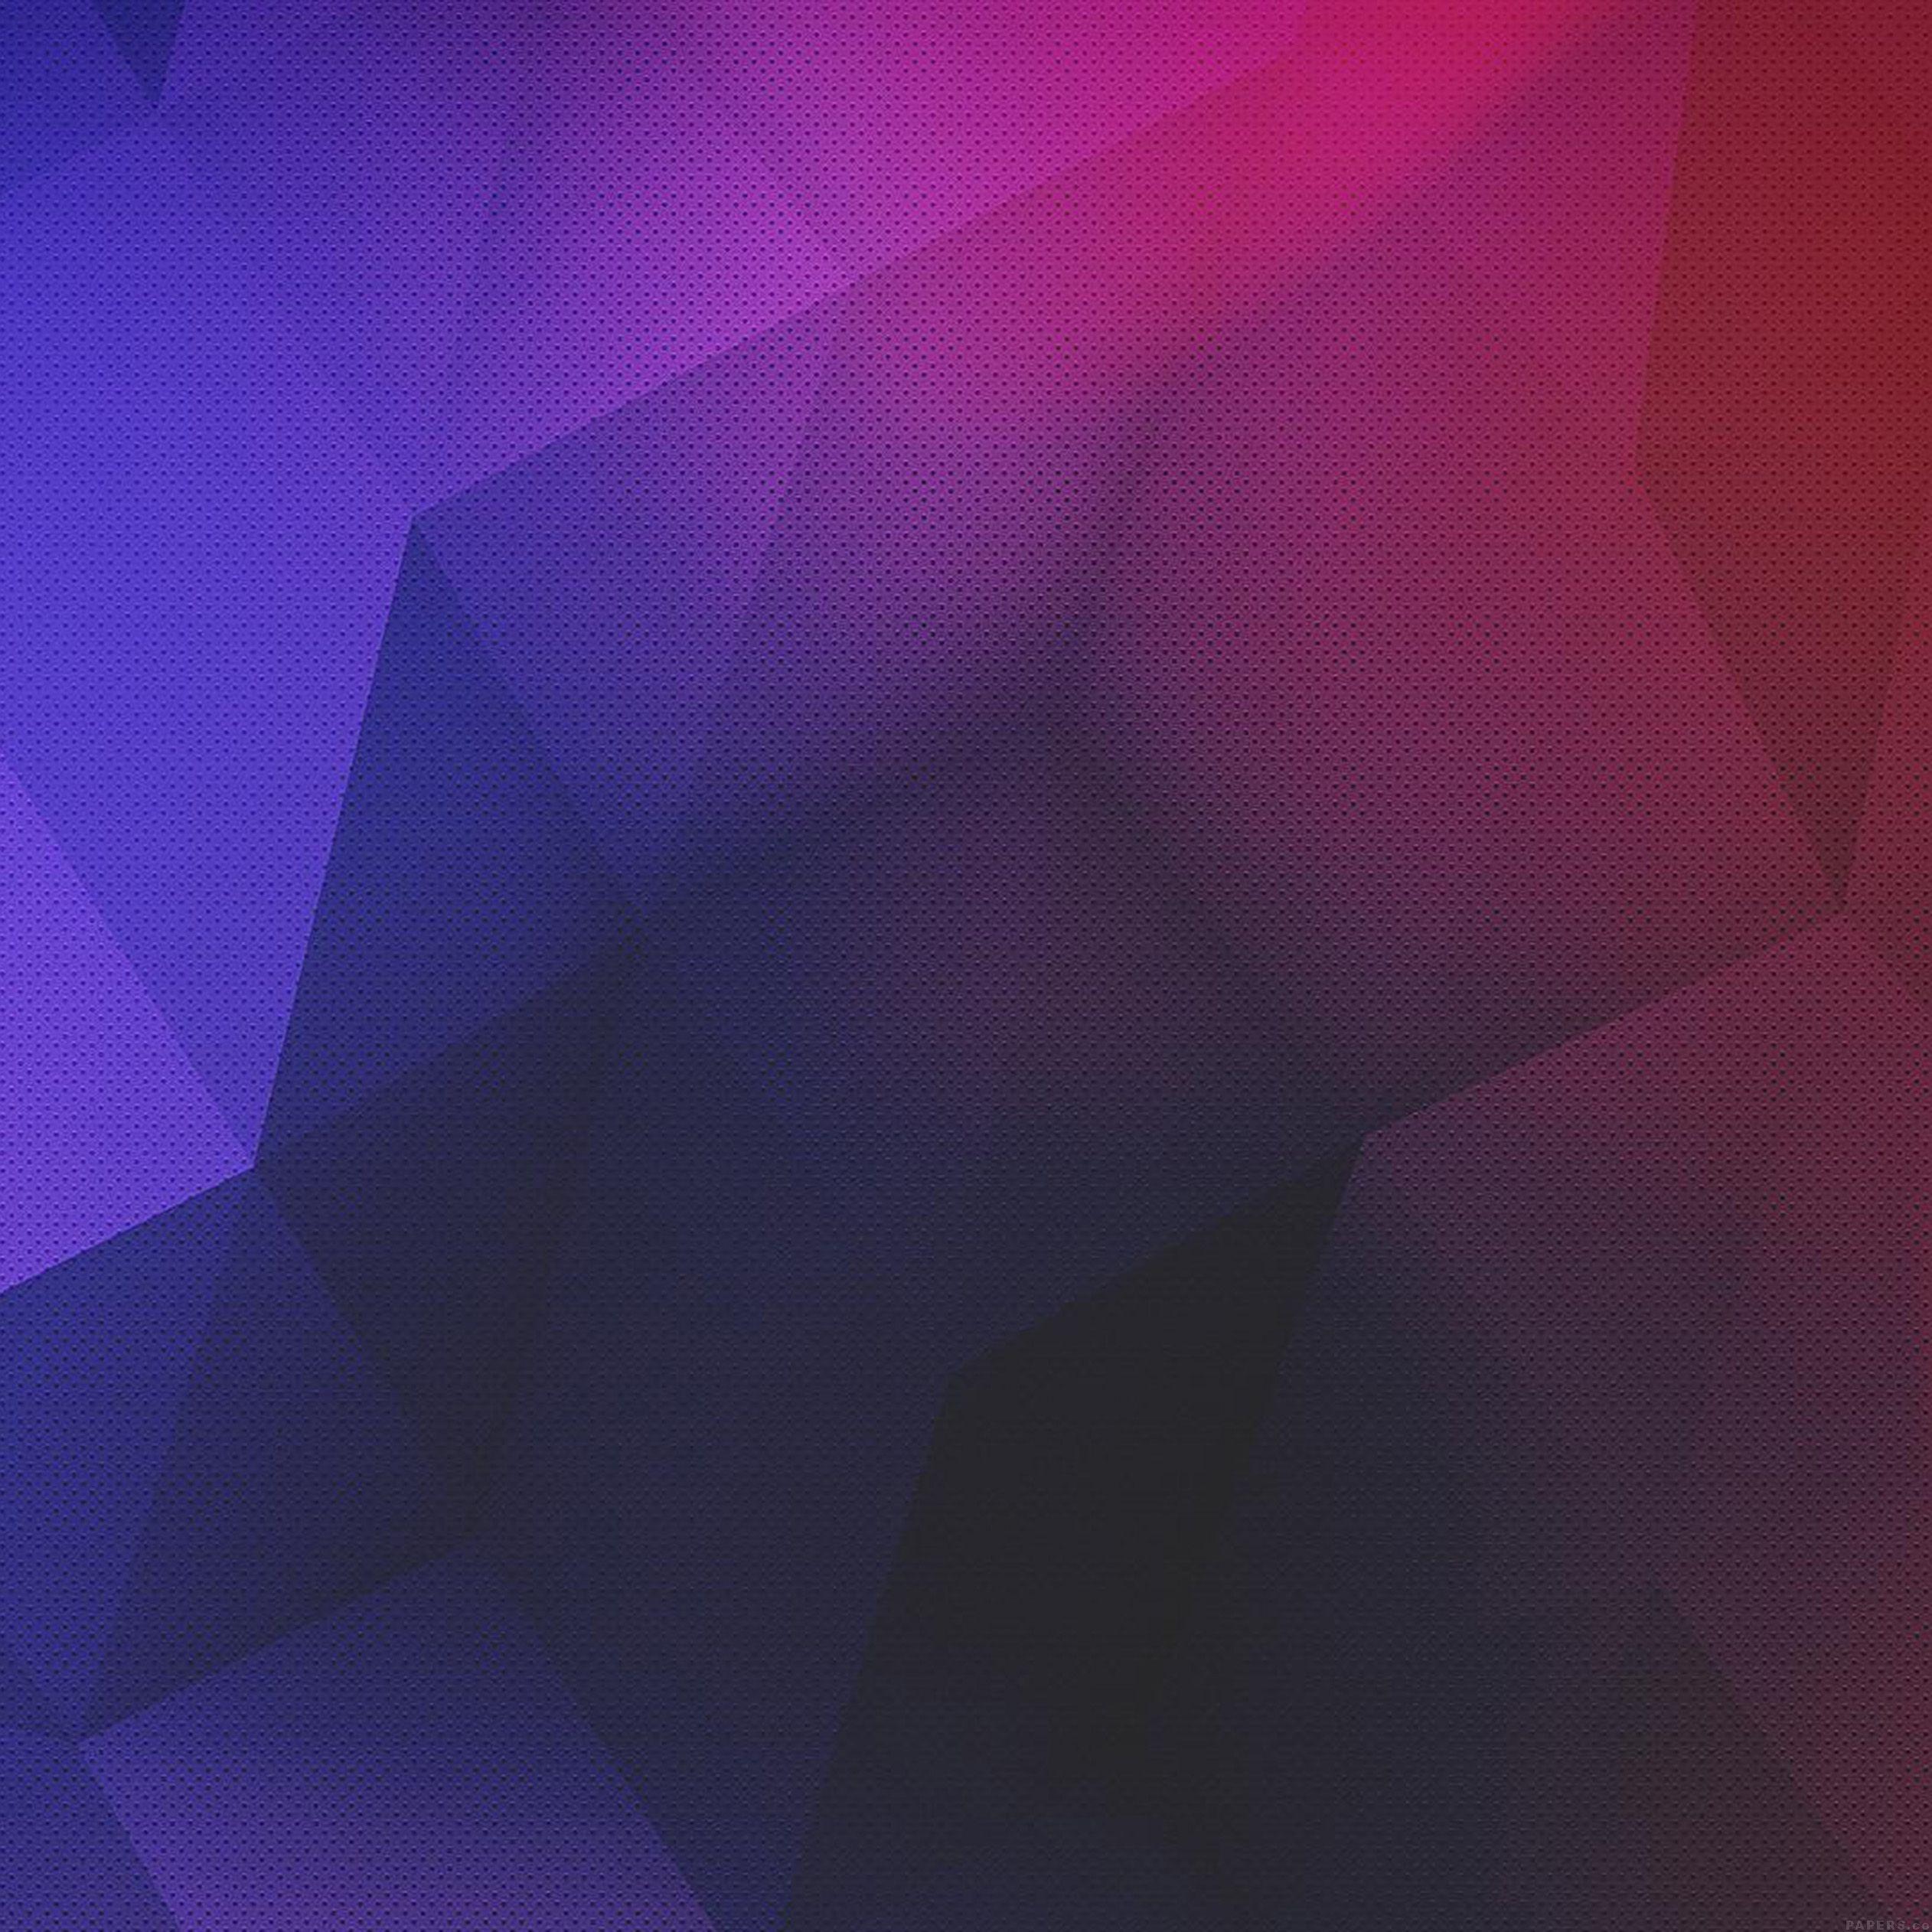 5 fonds d 39 cran textures pour tous les iphone ipod et ipad for Fond ecran youtube